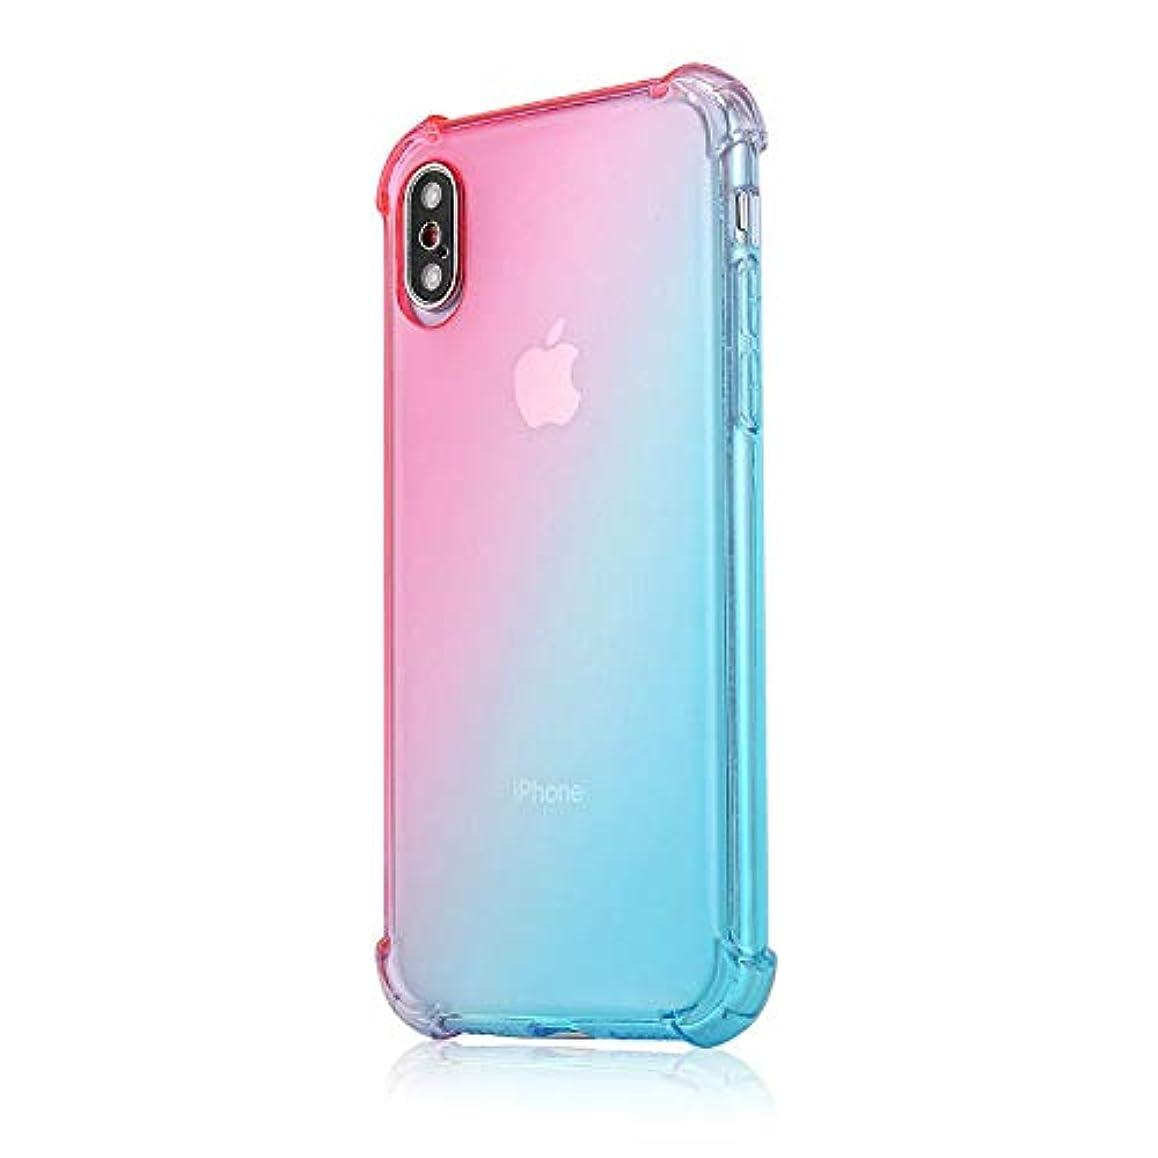 回転する環境シャーiPhone XSモバイルシェル iphoneX携帯電話ケース iphoneXS/MAX 超薄型ドロッププロテクション 透明携帯ケース グラデーション カラー iPhone7/8,iPhone7Plus/8Plus,iPhoneXR,iPhone XS/MAX (iPhone8 Plus ケース)